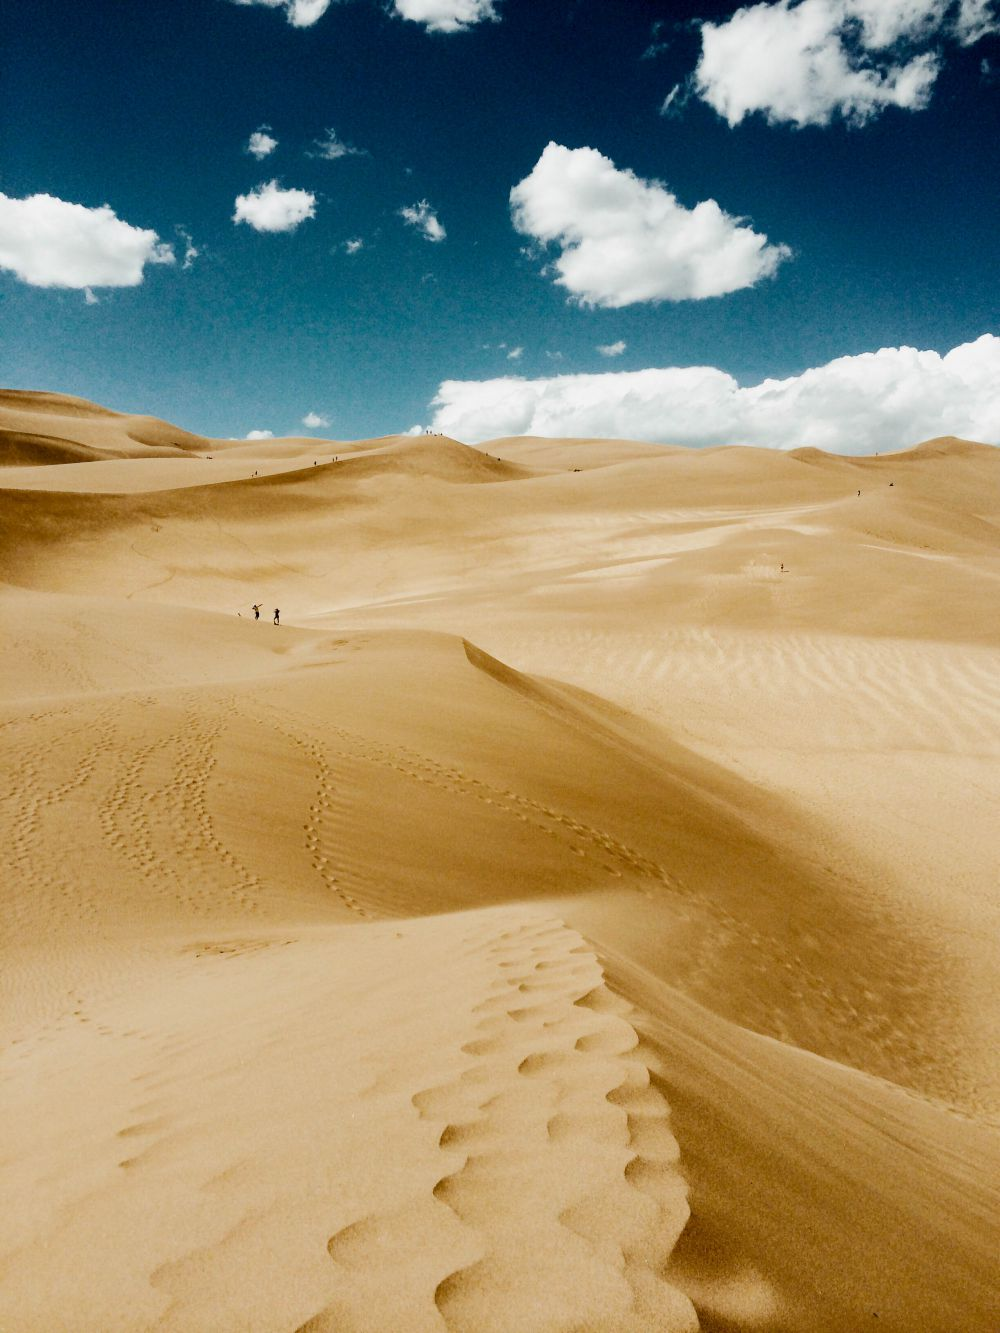 Лучшим пейзажем признали работу Крис Бельчина из США. Крис — фотограф-самоучка. Фото, принесшее ему победу, было сделано в национальном парке Грейт-Санд-Дьюнс в Колорадо.